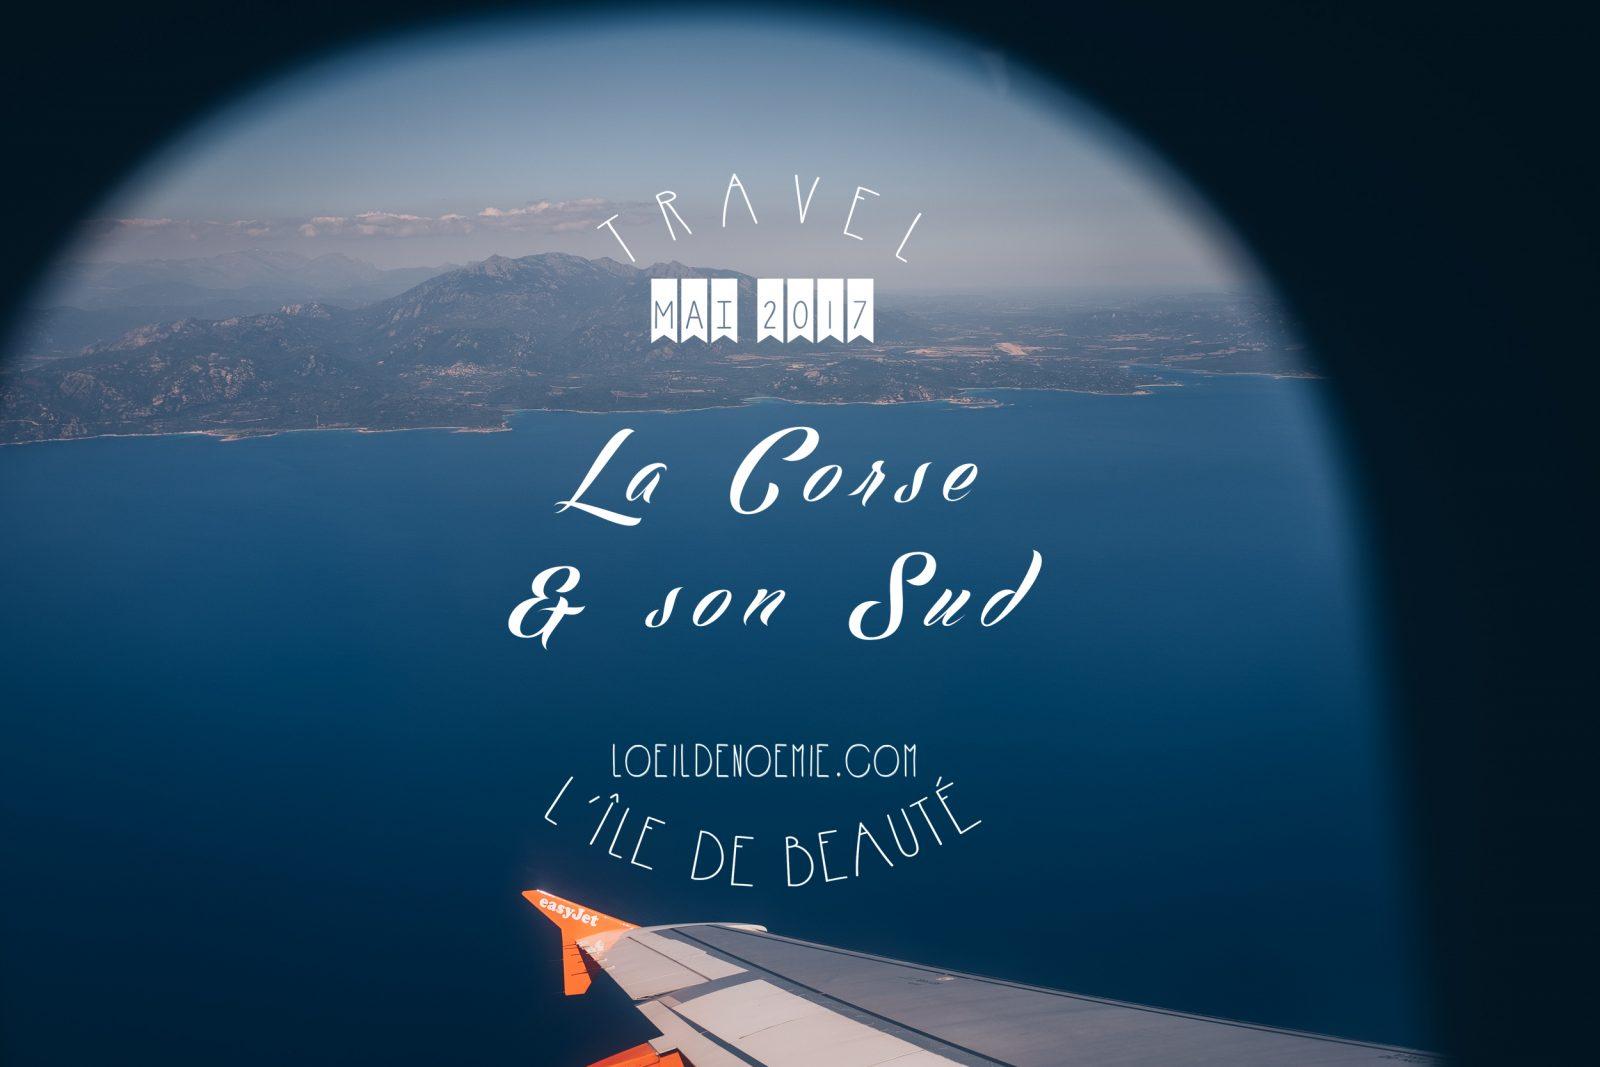 photo vue aérienne des côtes sud de la Corse, L'oeil de Noémie photographe et blogueuse voyage en Corse. Vol Easyjet.